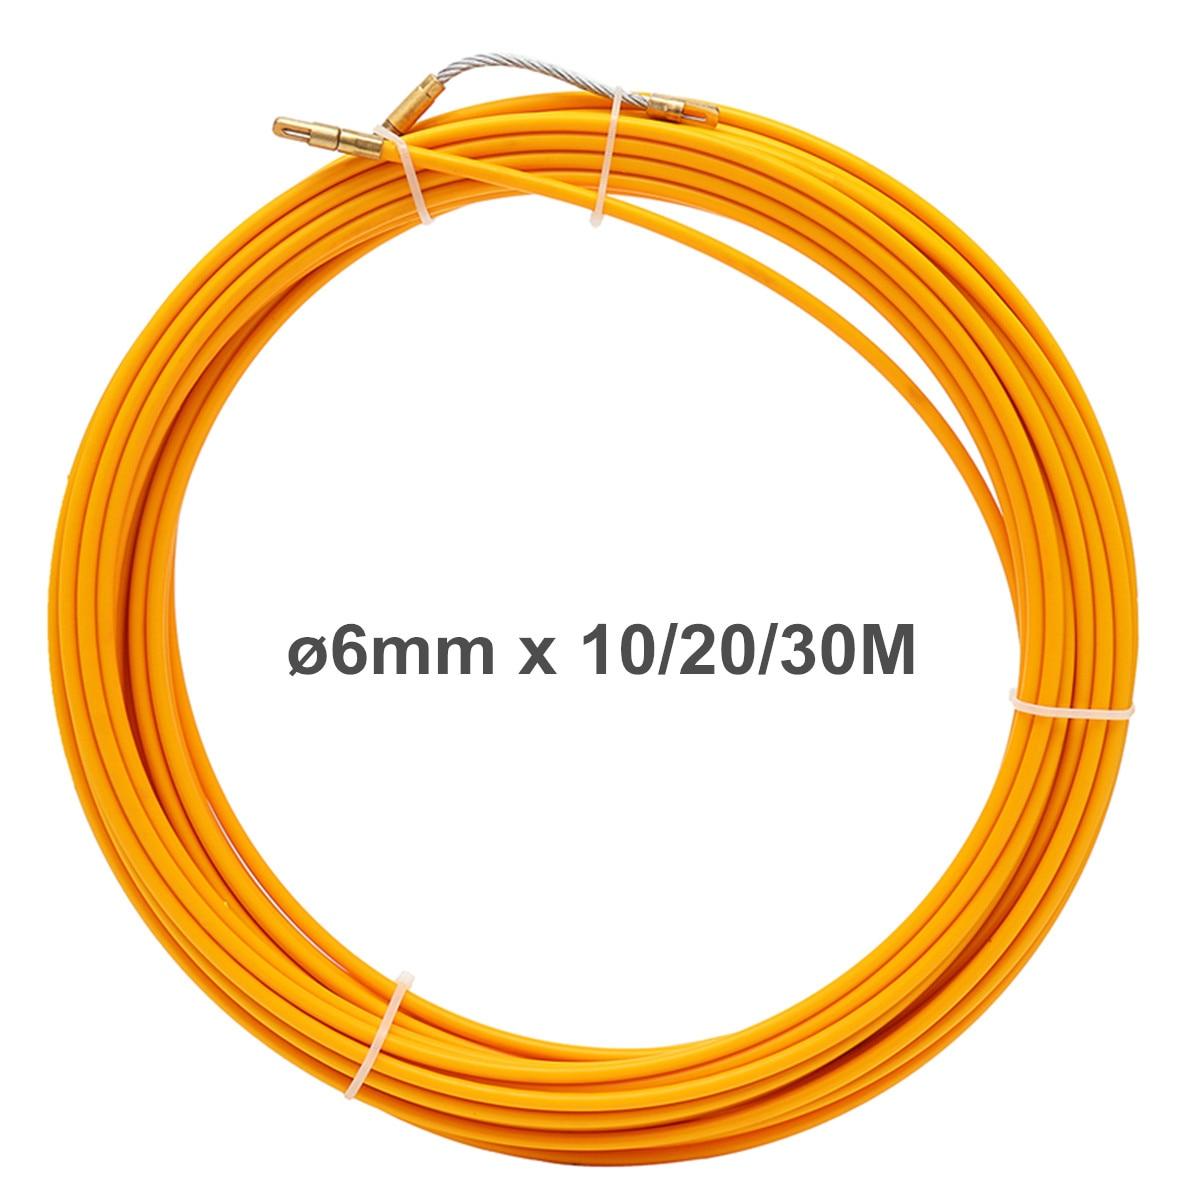 10 м 20 м 30 м направляющее устройство из стекловолокна Электрический кабель Push Pullers катушка воздуховод змея роддер Рыбная лента инструмент дл...